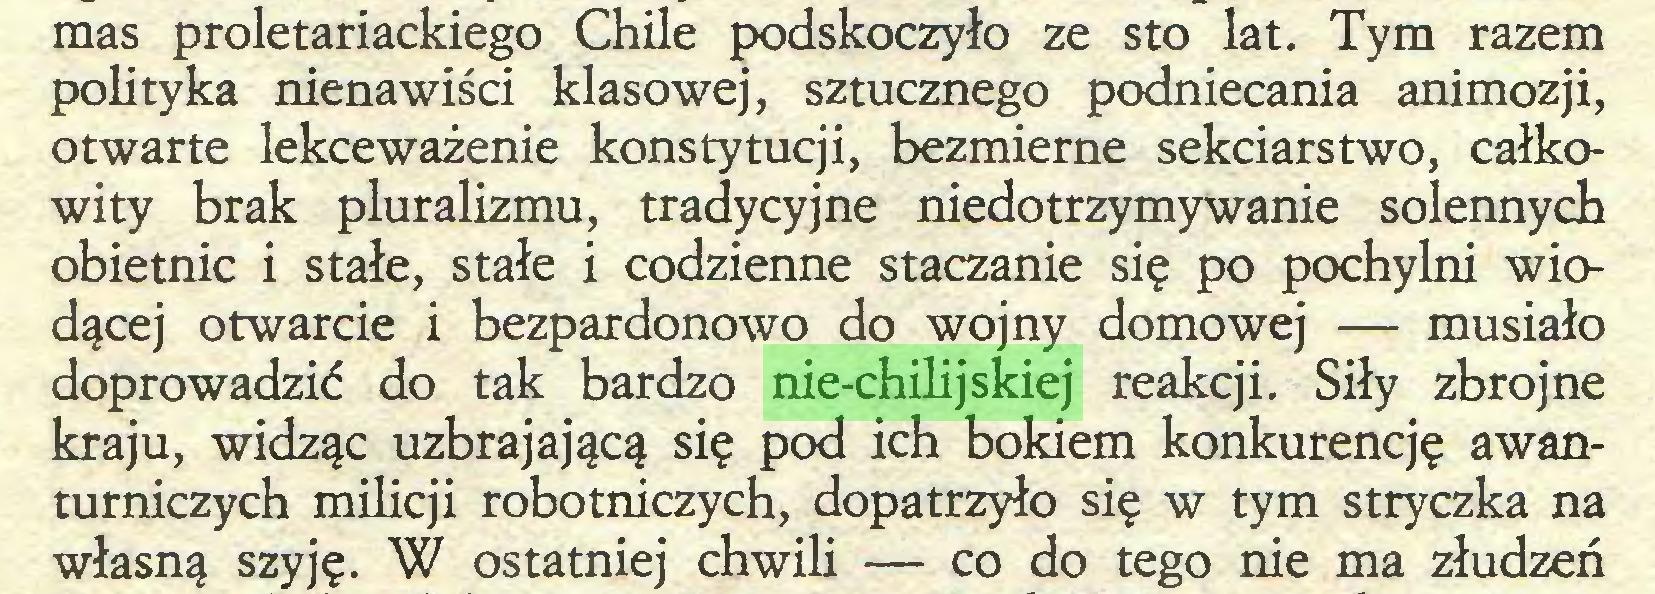 (...) mas proletariackiego Chile podskoczyło ze sto łat. Tym razem polityka nienawiści klasowej, sztucznego podniecania animozji, otwarte lekceważenie konstytucji, bezmierne sekciarstwo, całkowity brak pluralizmu, tradycyjne niedotrzymywanie solennych obietnic i stałe, stałe i codzienne staczanie się po pochylni wiodącej otwarcie i bezpardonowo do wojny domowej — musiało doprowadzić do tak bardzo nie-chilijskiej reakcji. Siły zbrojne kraju, widząc uzbrajającą się pod ich bokiem konkurencję awanturniczych milicji robotniczych, dopatrzyło się w tym stryczka na własną szyję. W ostatniej chwili — co do tego nie ma złudzeń...